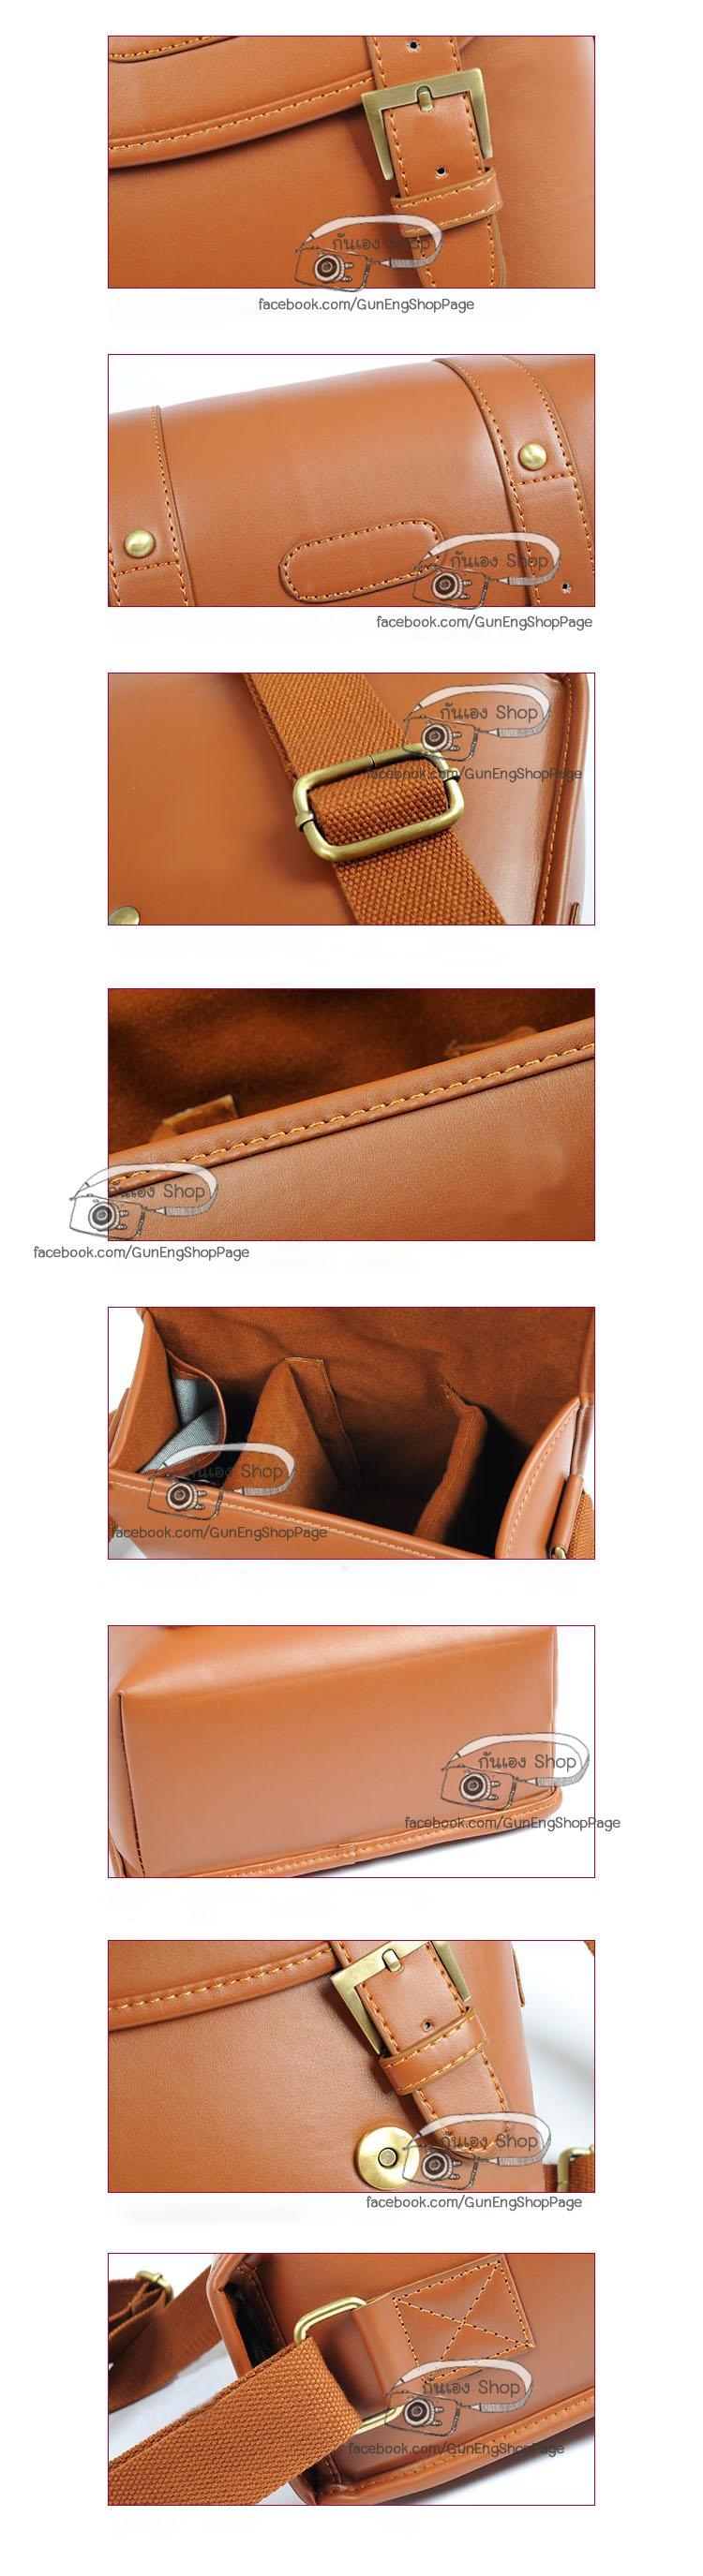 กระเป๋ากล้องหนัง Classic Mini Leather